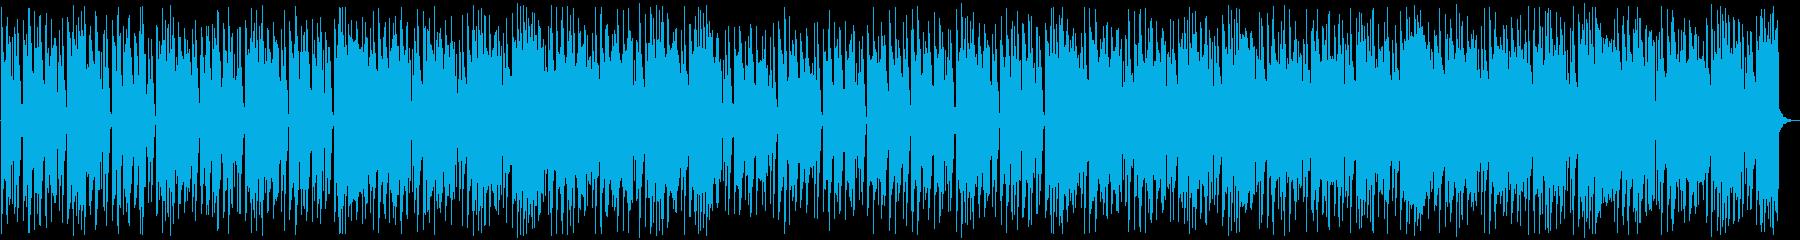 爽やか/疾走/D&B_No450_1の再生済みの波形